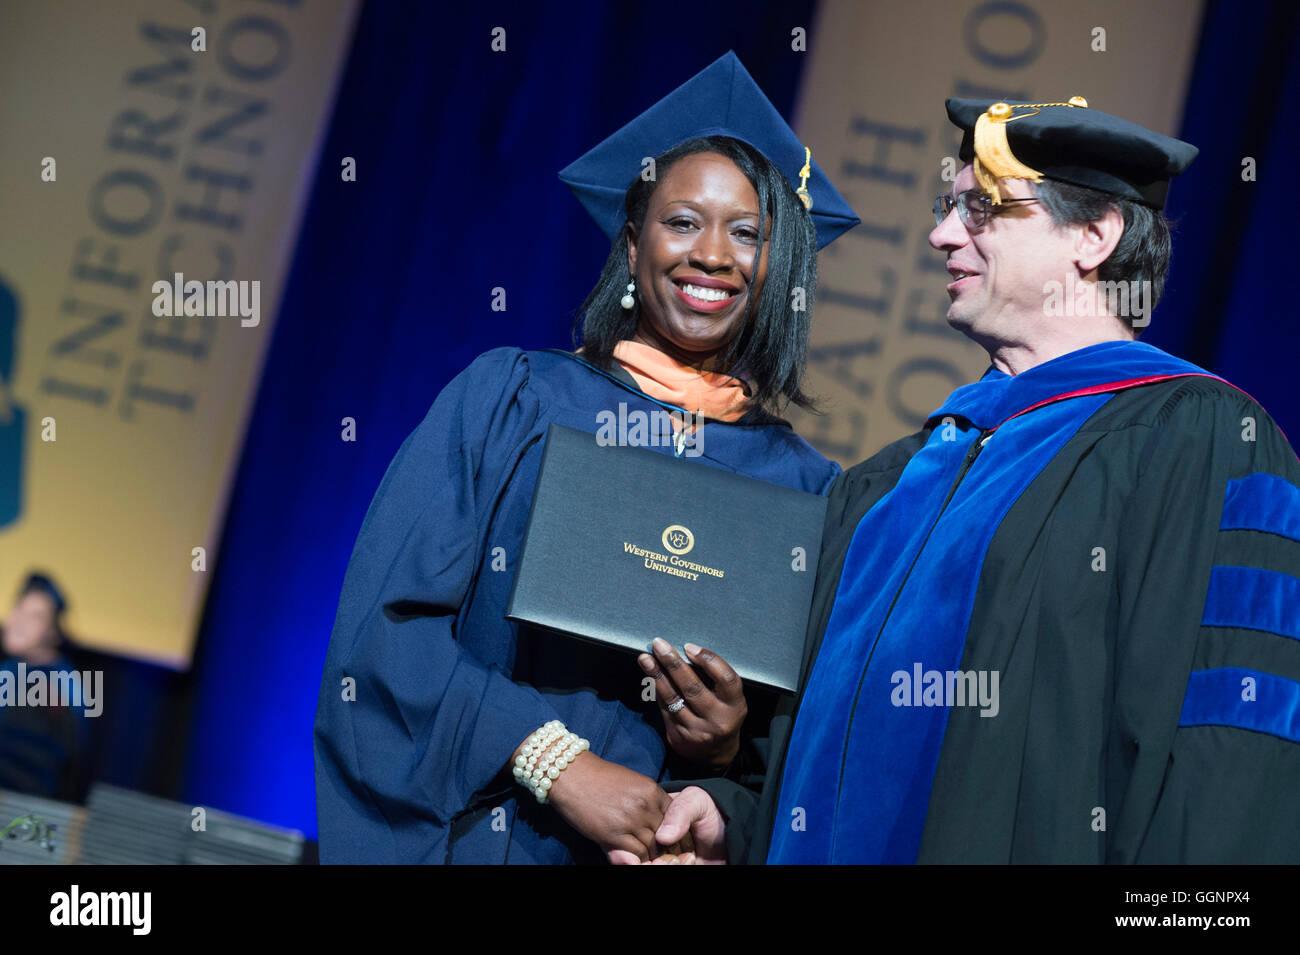 candidato de graduación en toga y birrete recibe diploma en western